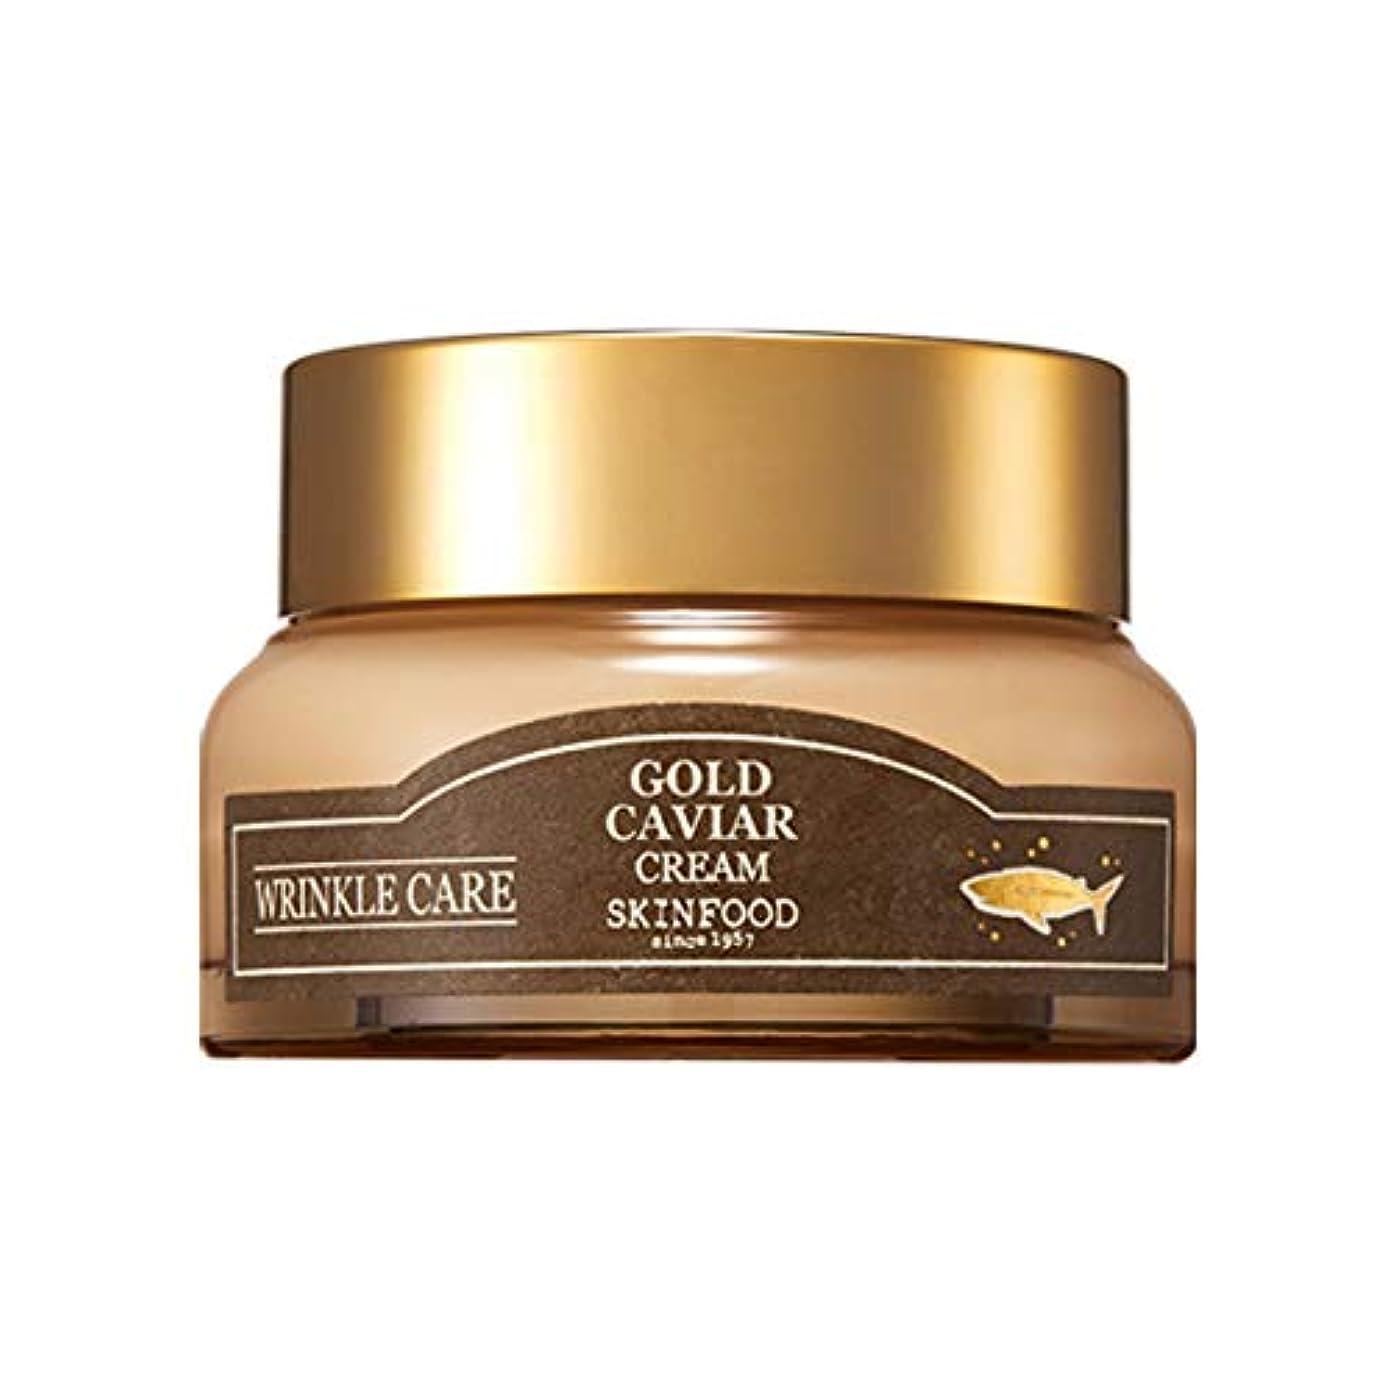 シャッター風逆説Skinfood ゴールドキャビアクリーム[しわケア用化粧品] / Gold Caviar Cream [Cosmeceutical for wrinkle care] 54ml [並行輸入品]